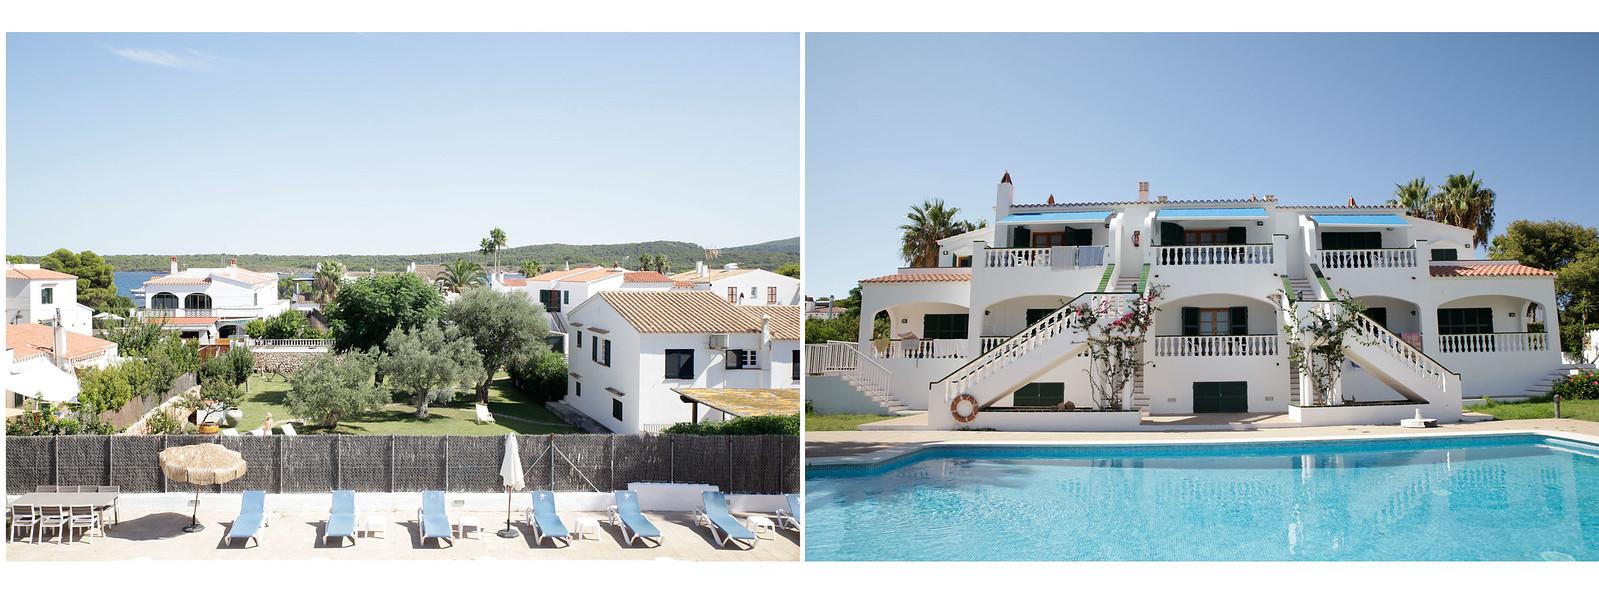 03_jamaica_apartamentos_menorca_vacaciones_en_familia_theguestgirl_travel_post_travel_viajar_fornells_menorca_the_guest_girl